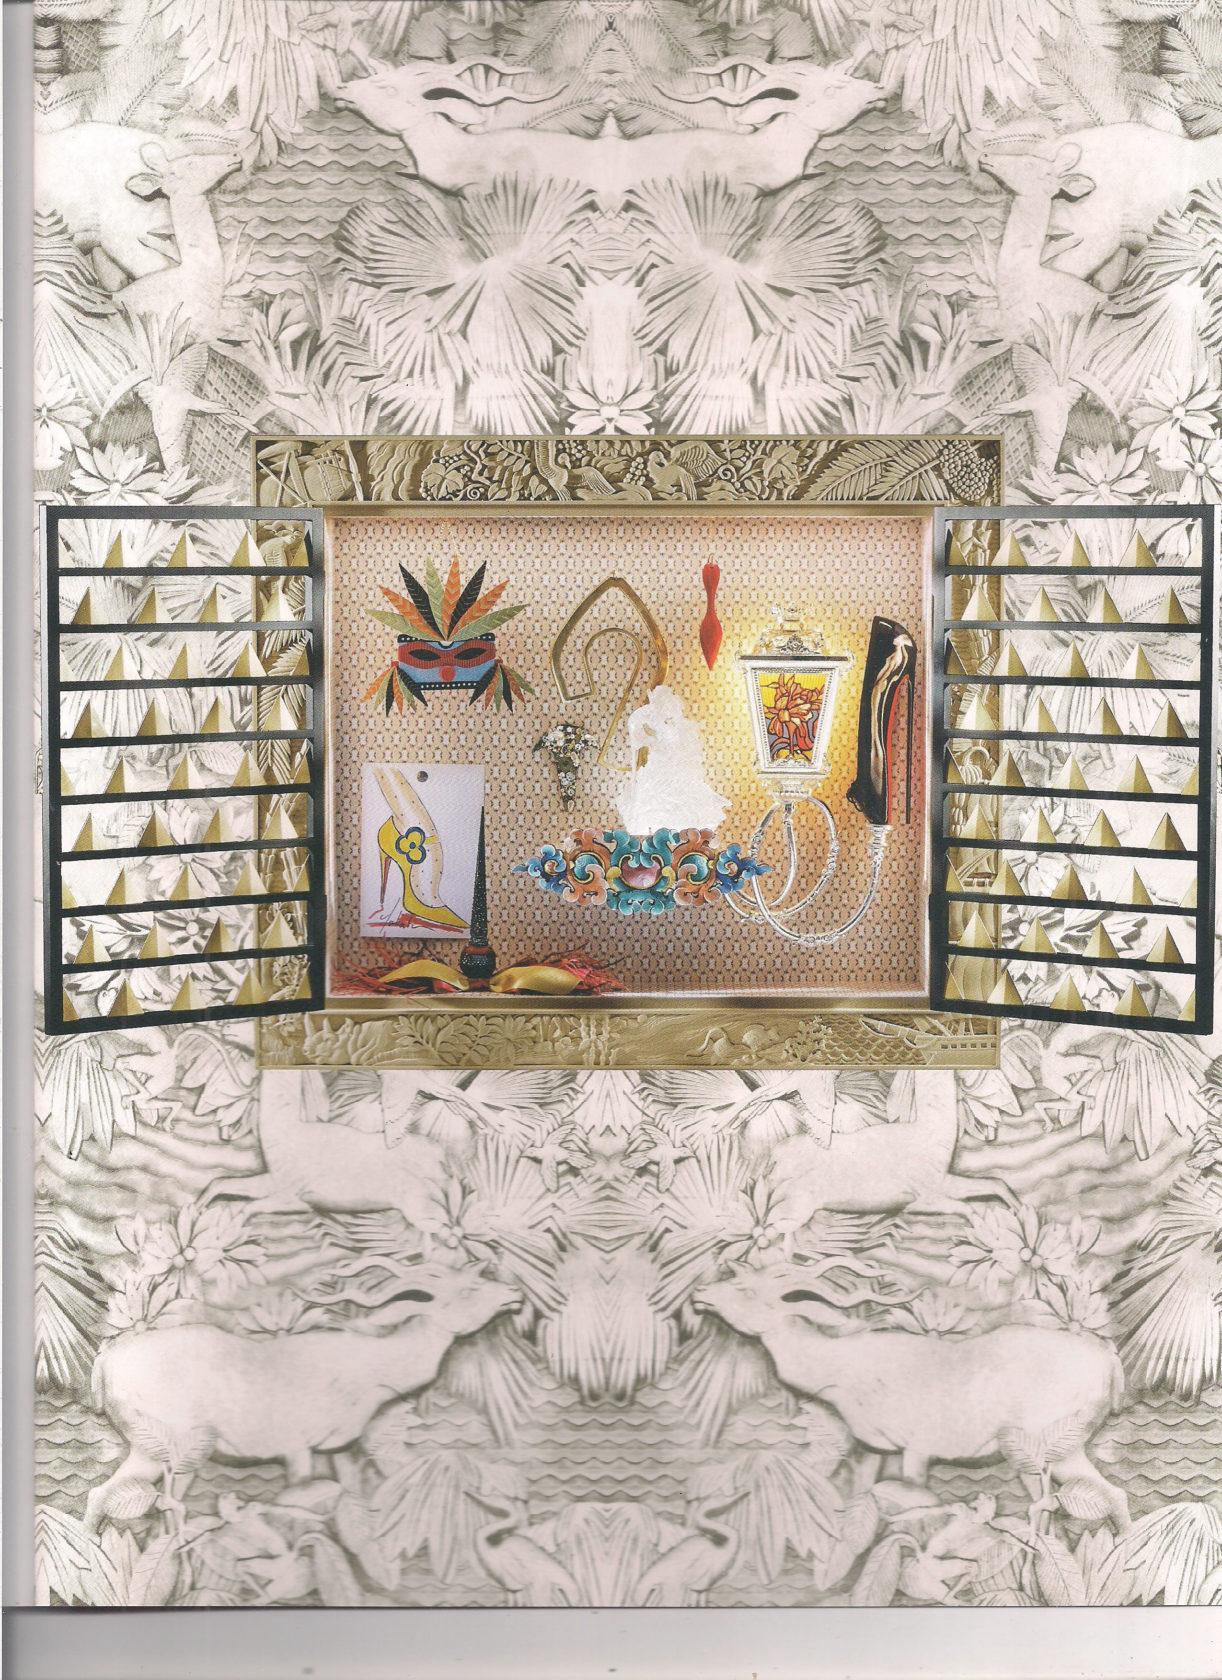 Ludovic AVENEL cabinet maker Paris -  Louboutin exposition cabinet de curiosité 2